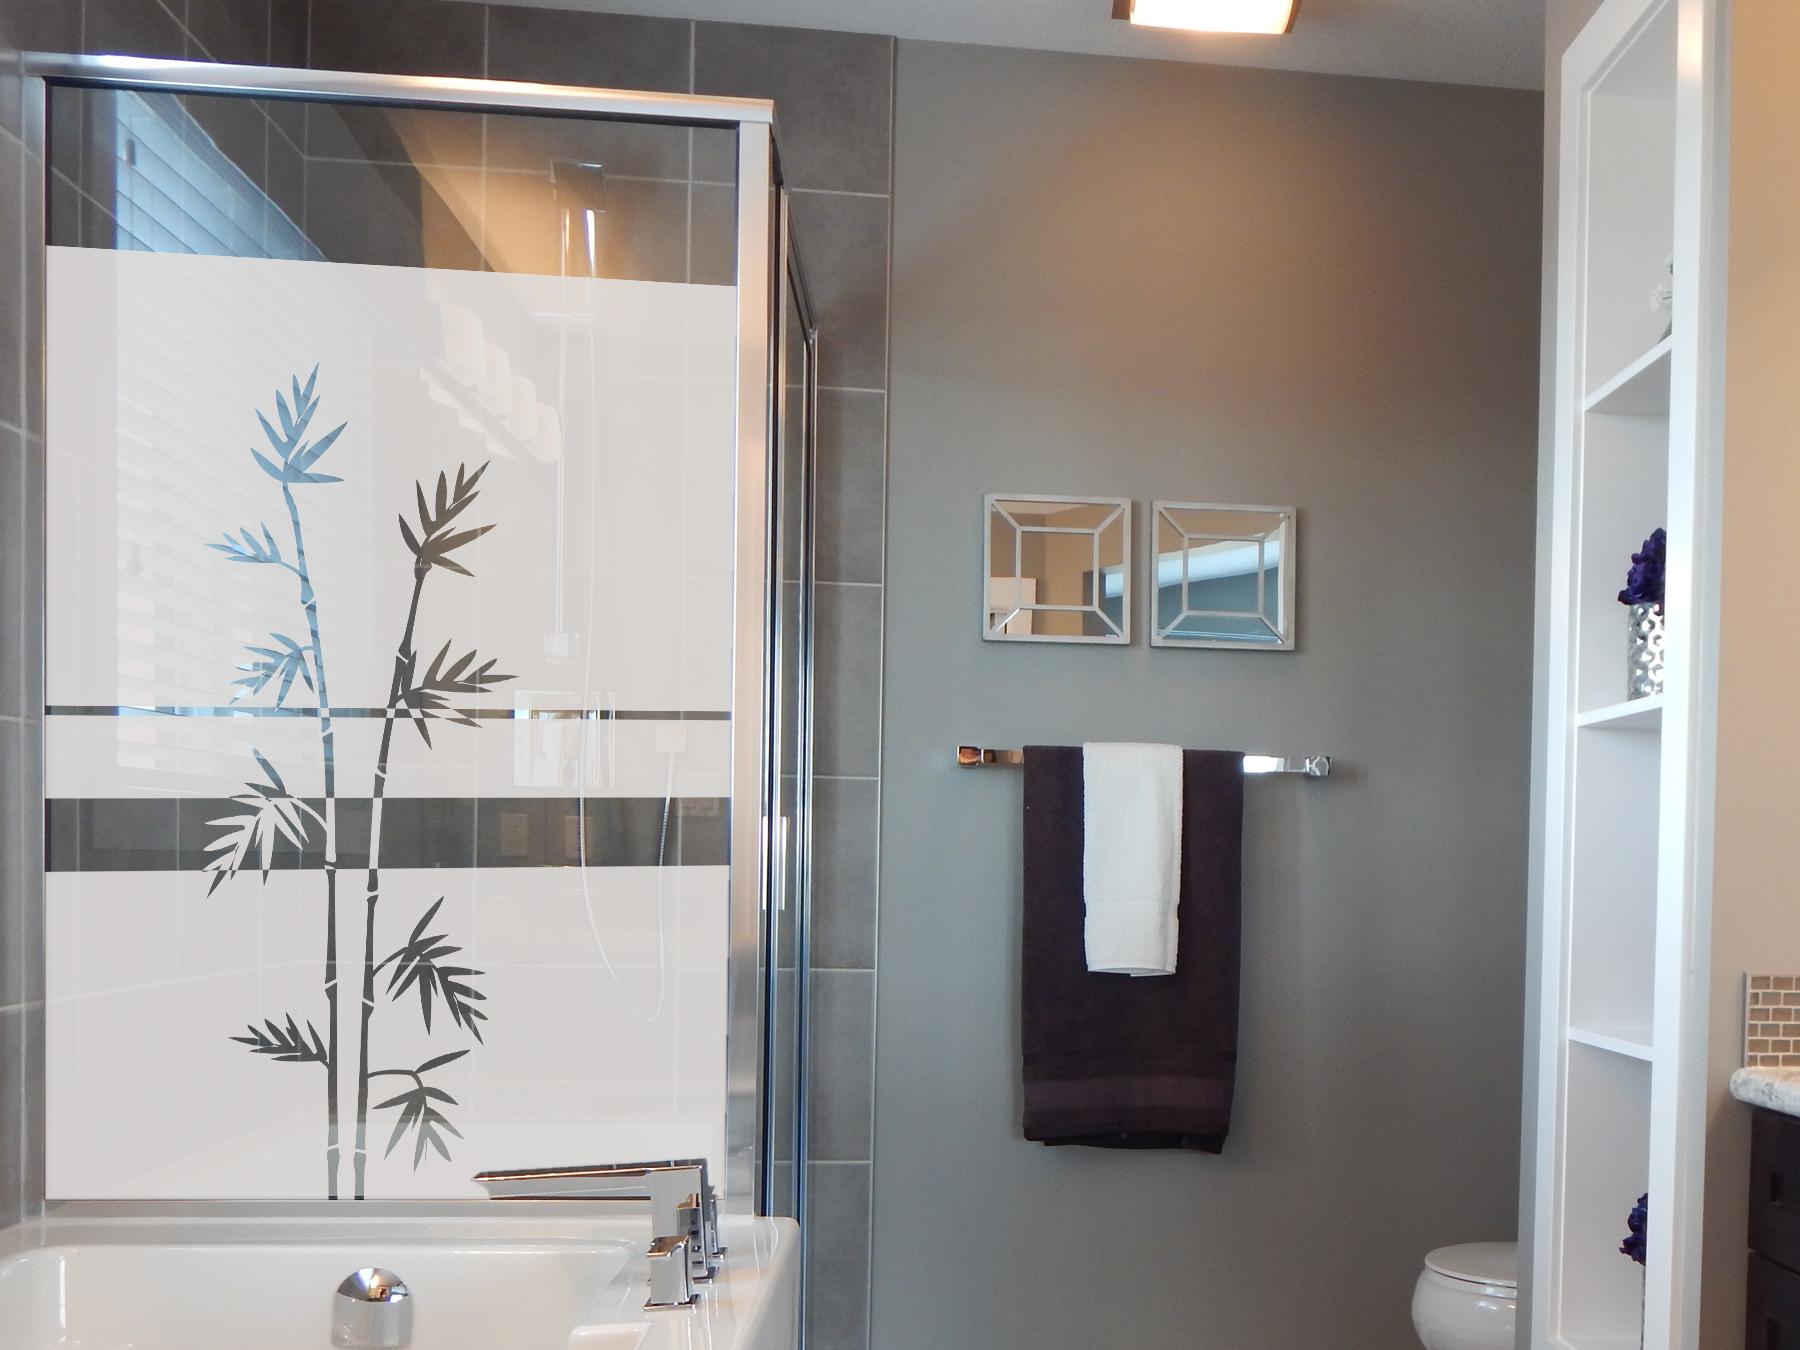 Sichtschutzfolie   Fensterfolie Bambuszweige   Bambuszweigeoptik